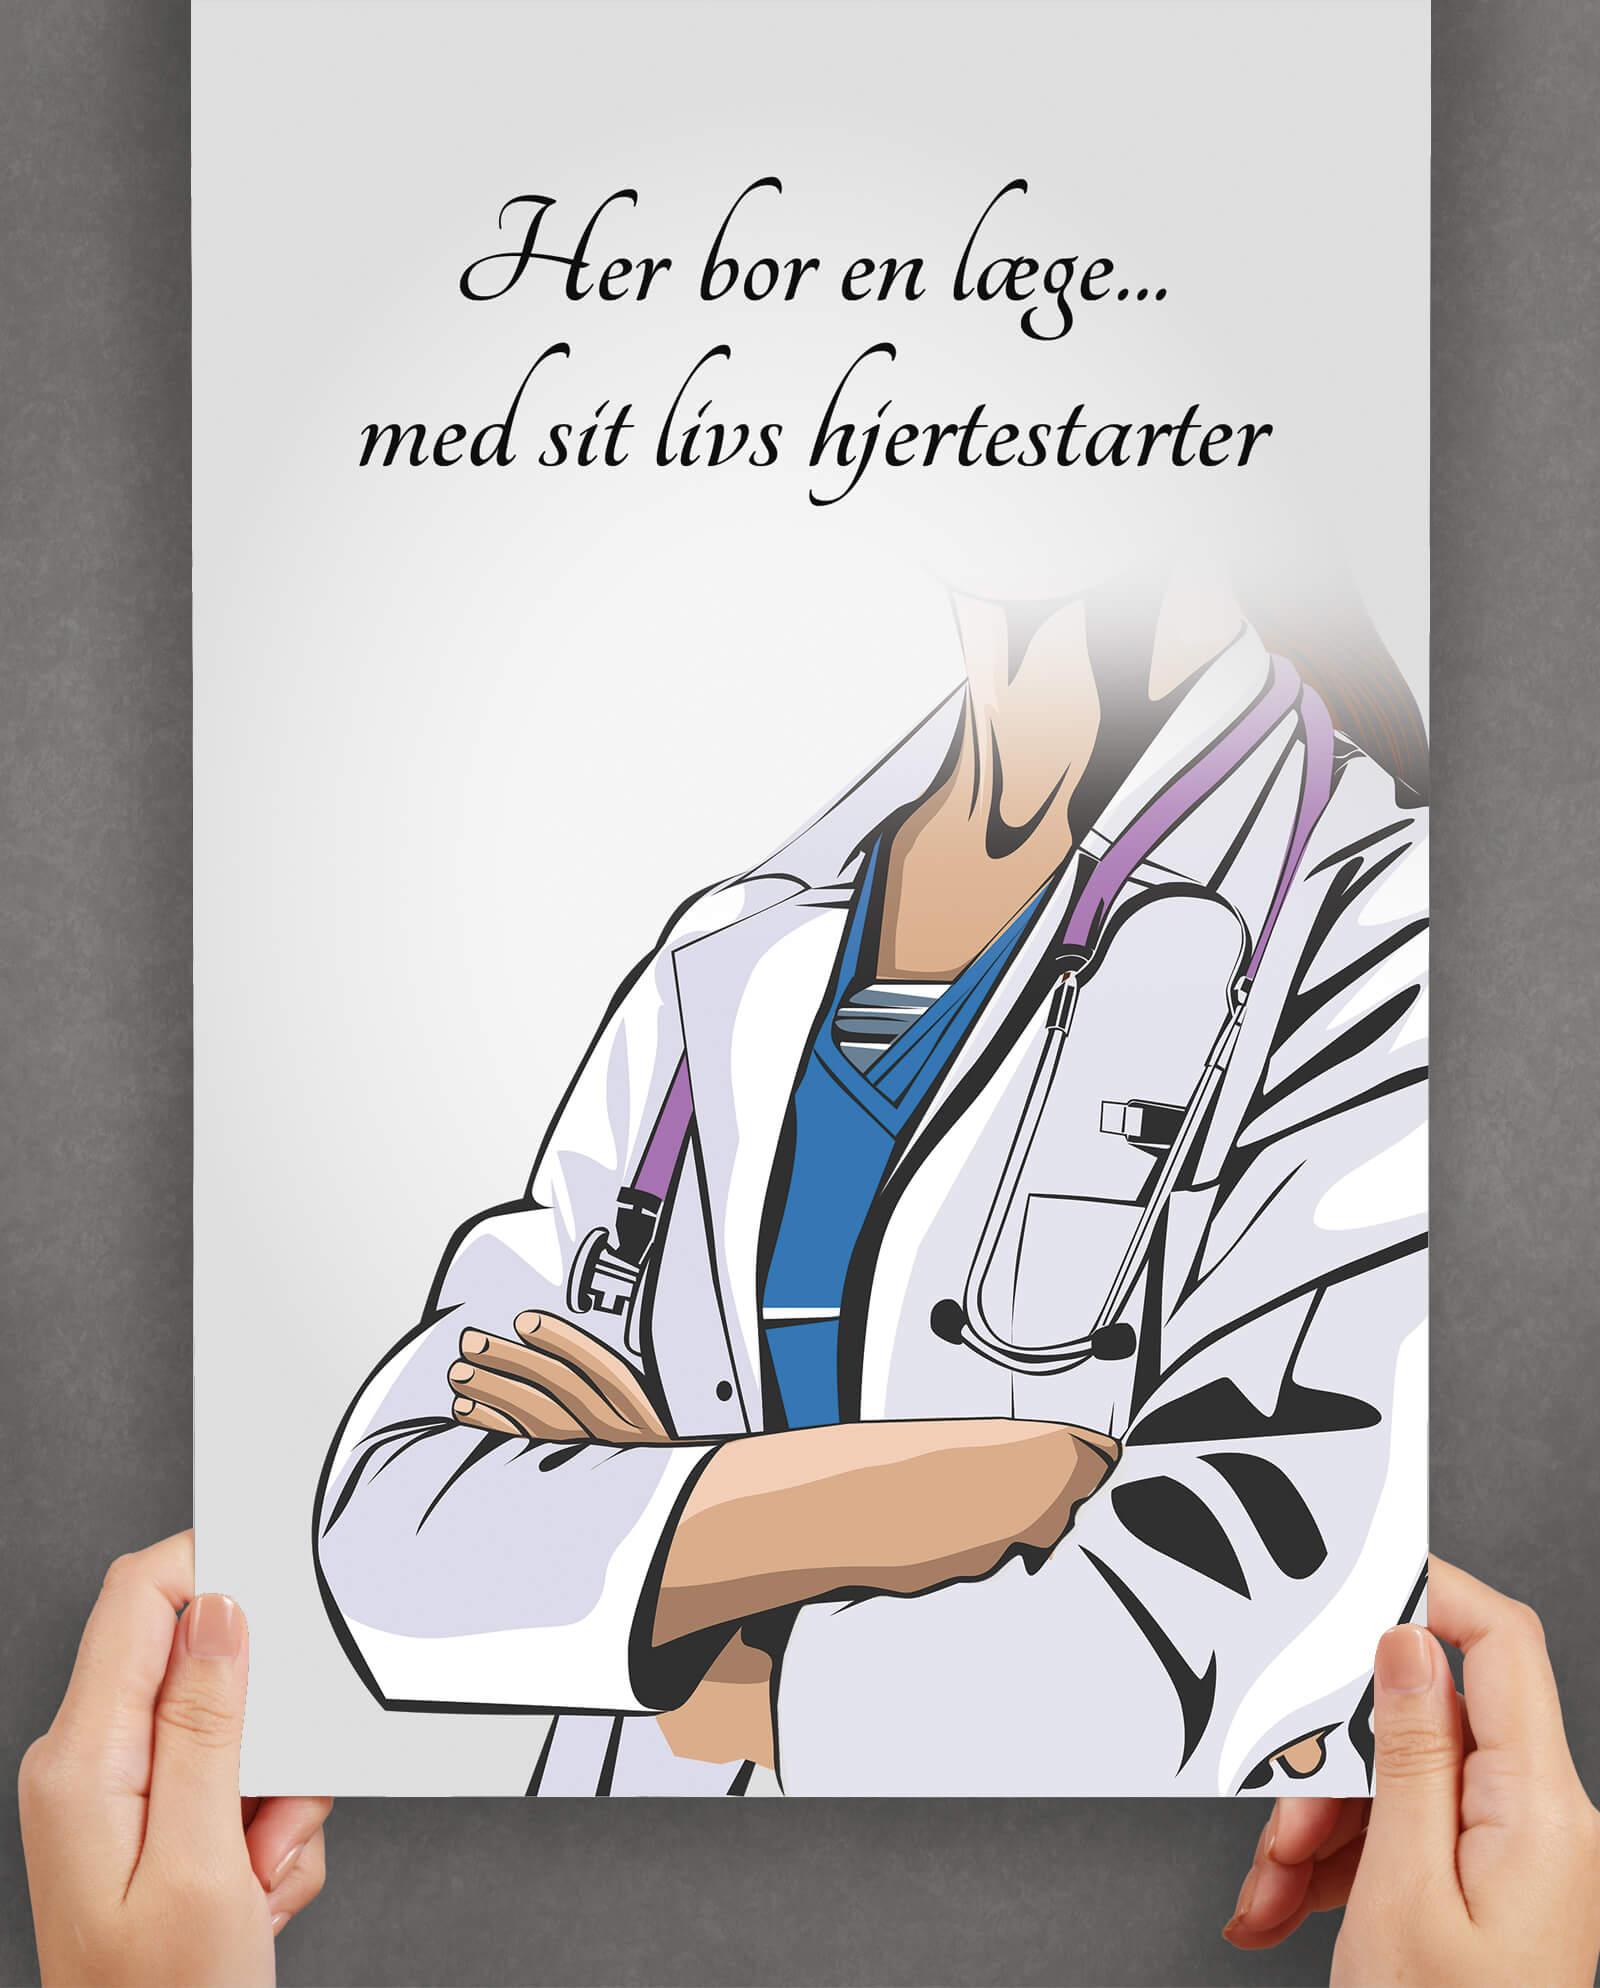 laege-kvinde-job-4